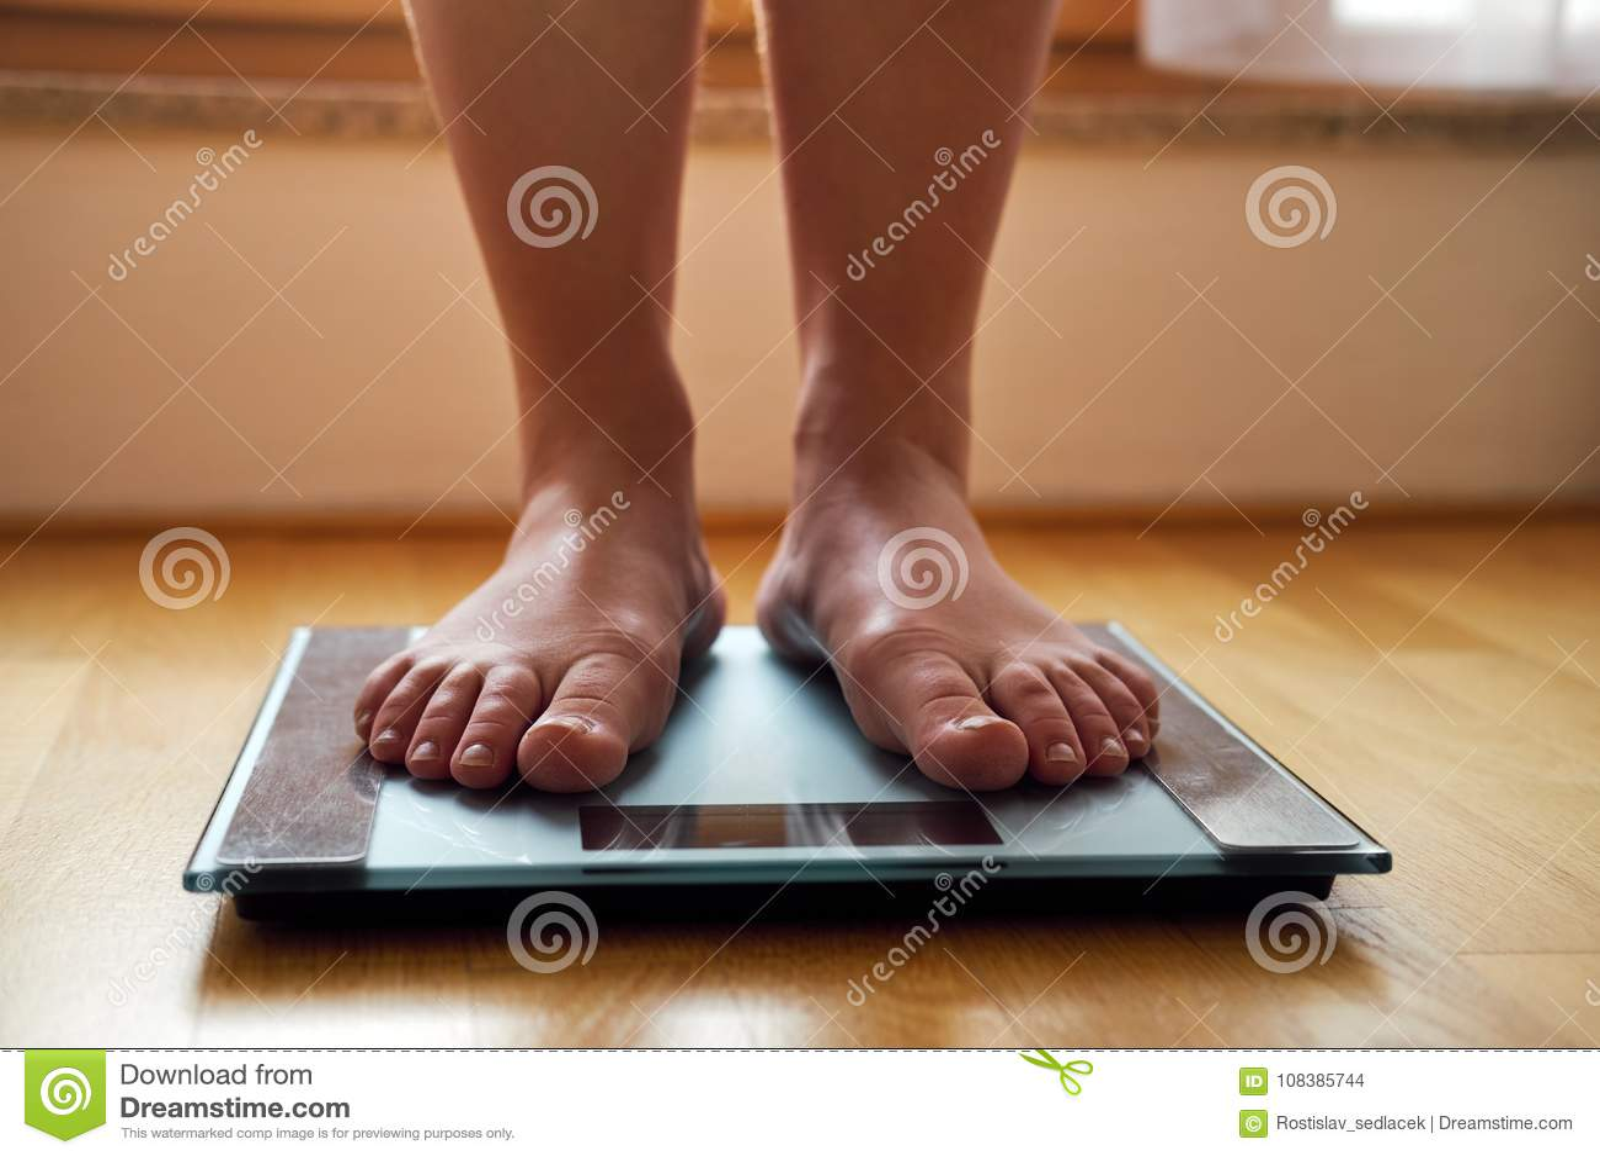 Pieds nus femelles avec l échelle de poids